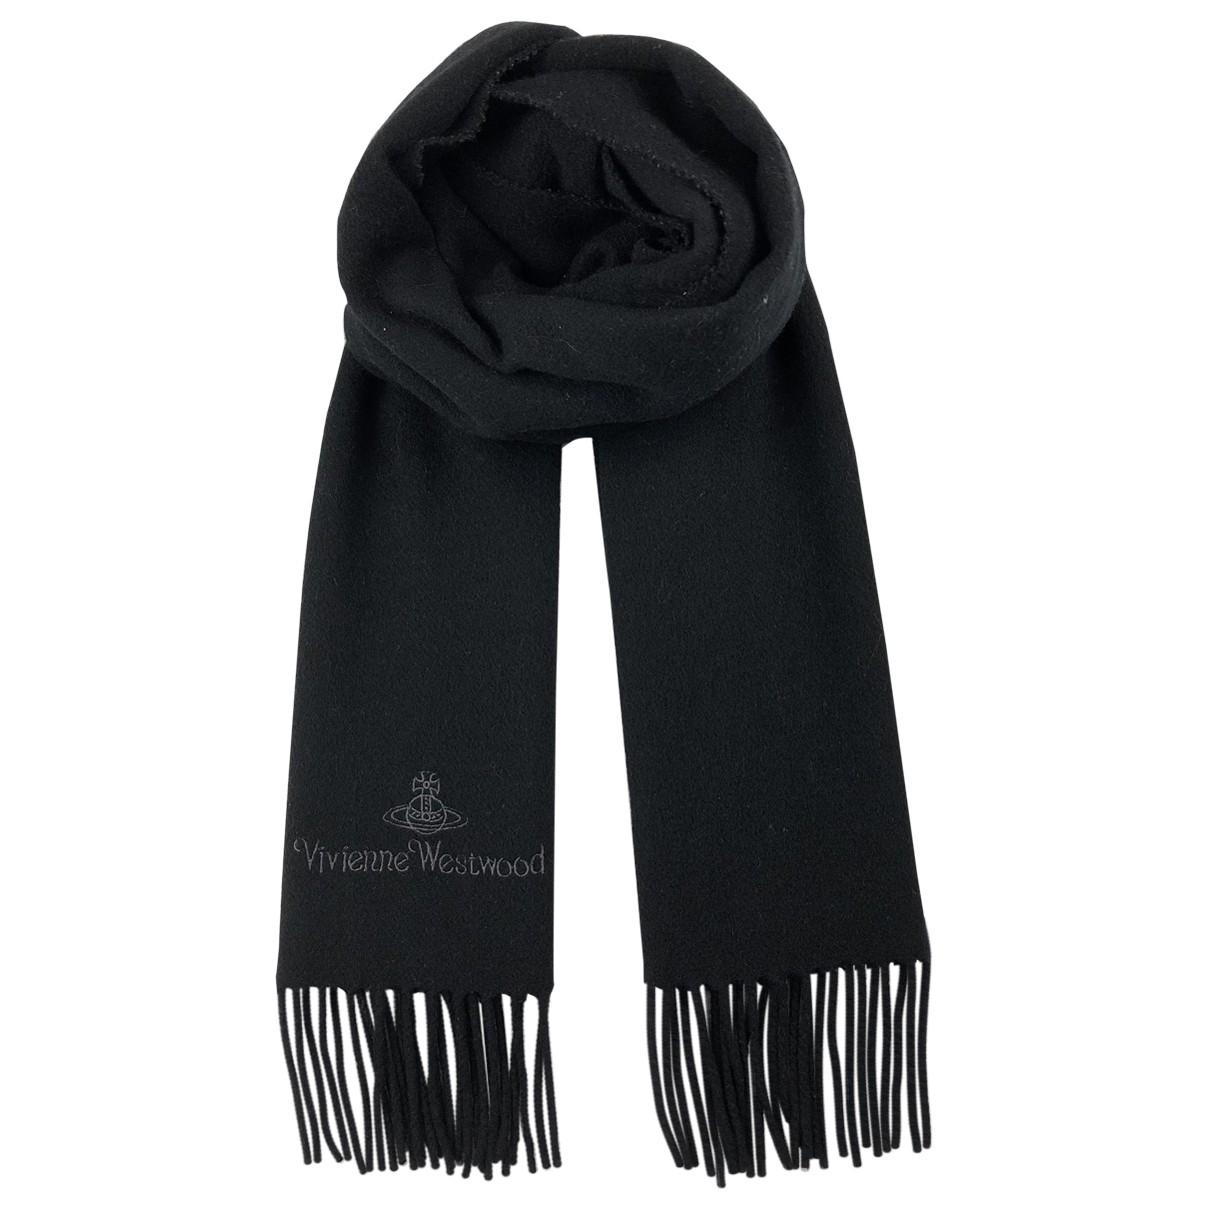 Vivienne Westwood \N Tuecher, Schal in  Schwarz Wolle